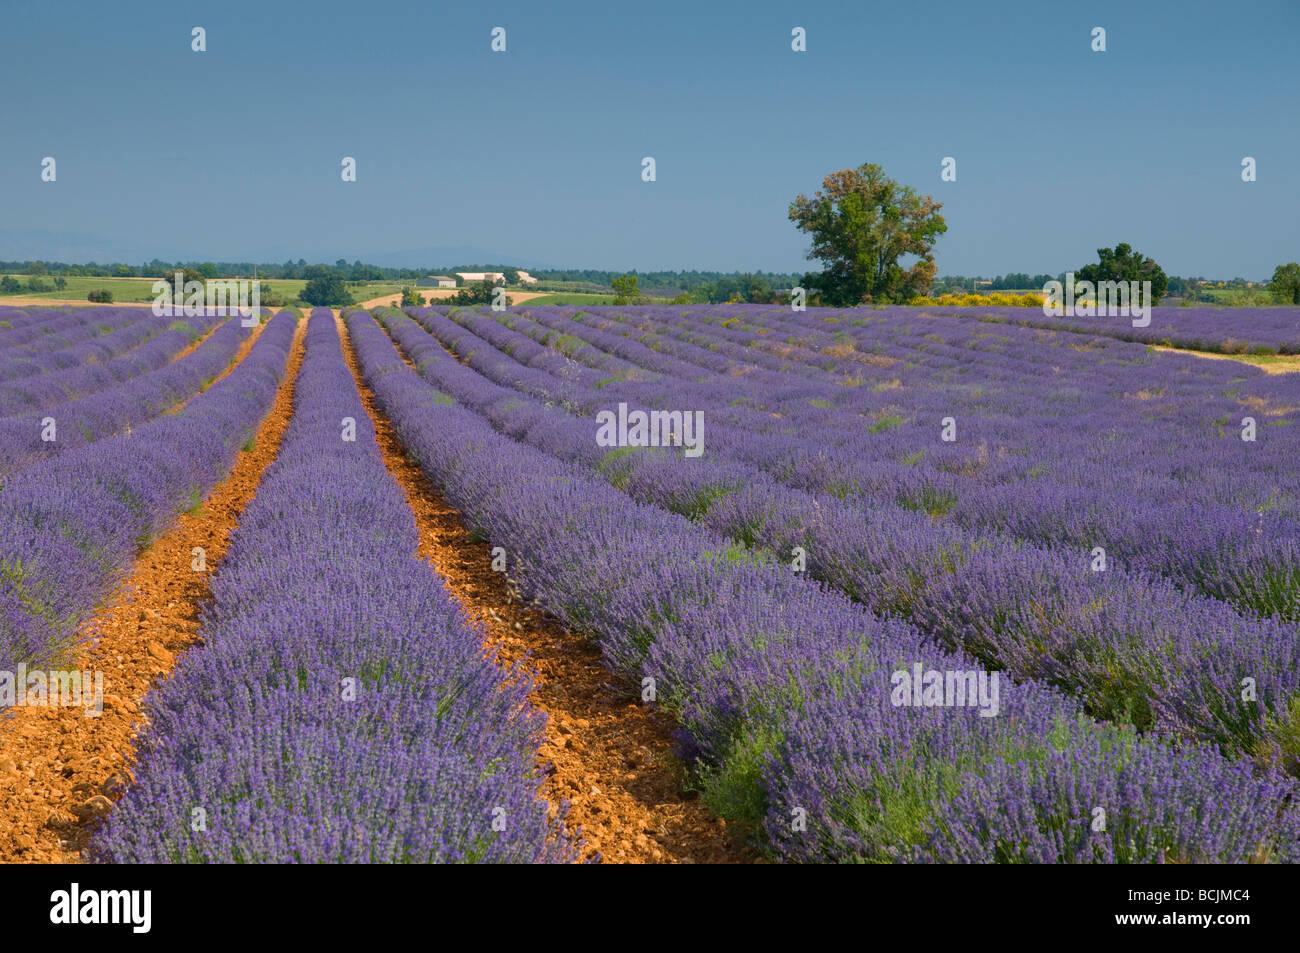 Frankreich, Provence-Alpes-Cote d ' Azur, Alpes-de-Haute-Provence, Valensole, Lavendar Fields Stockbild